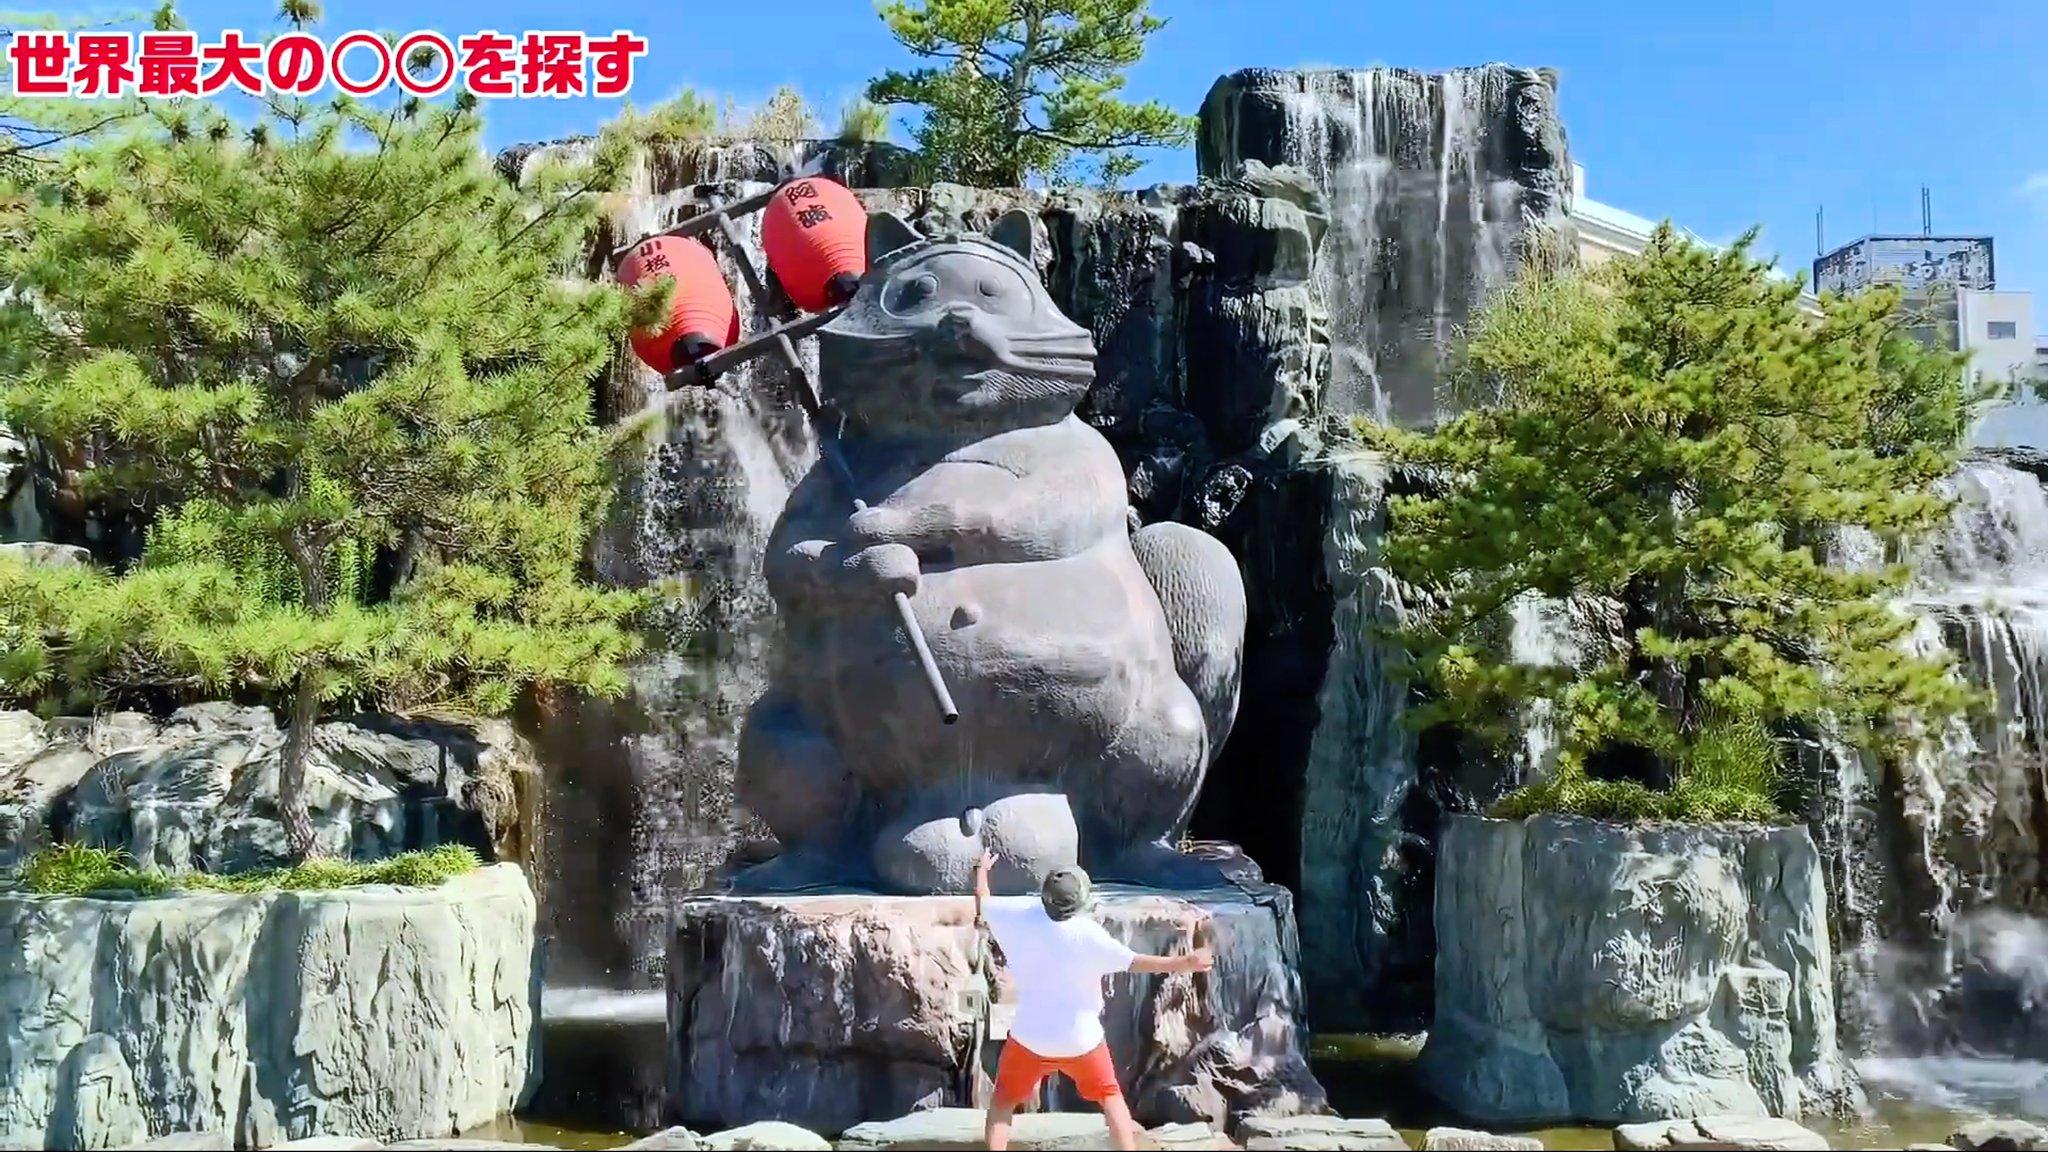 【小松島ステーションパーク】世界一の狸